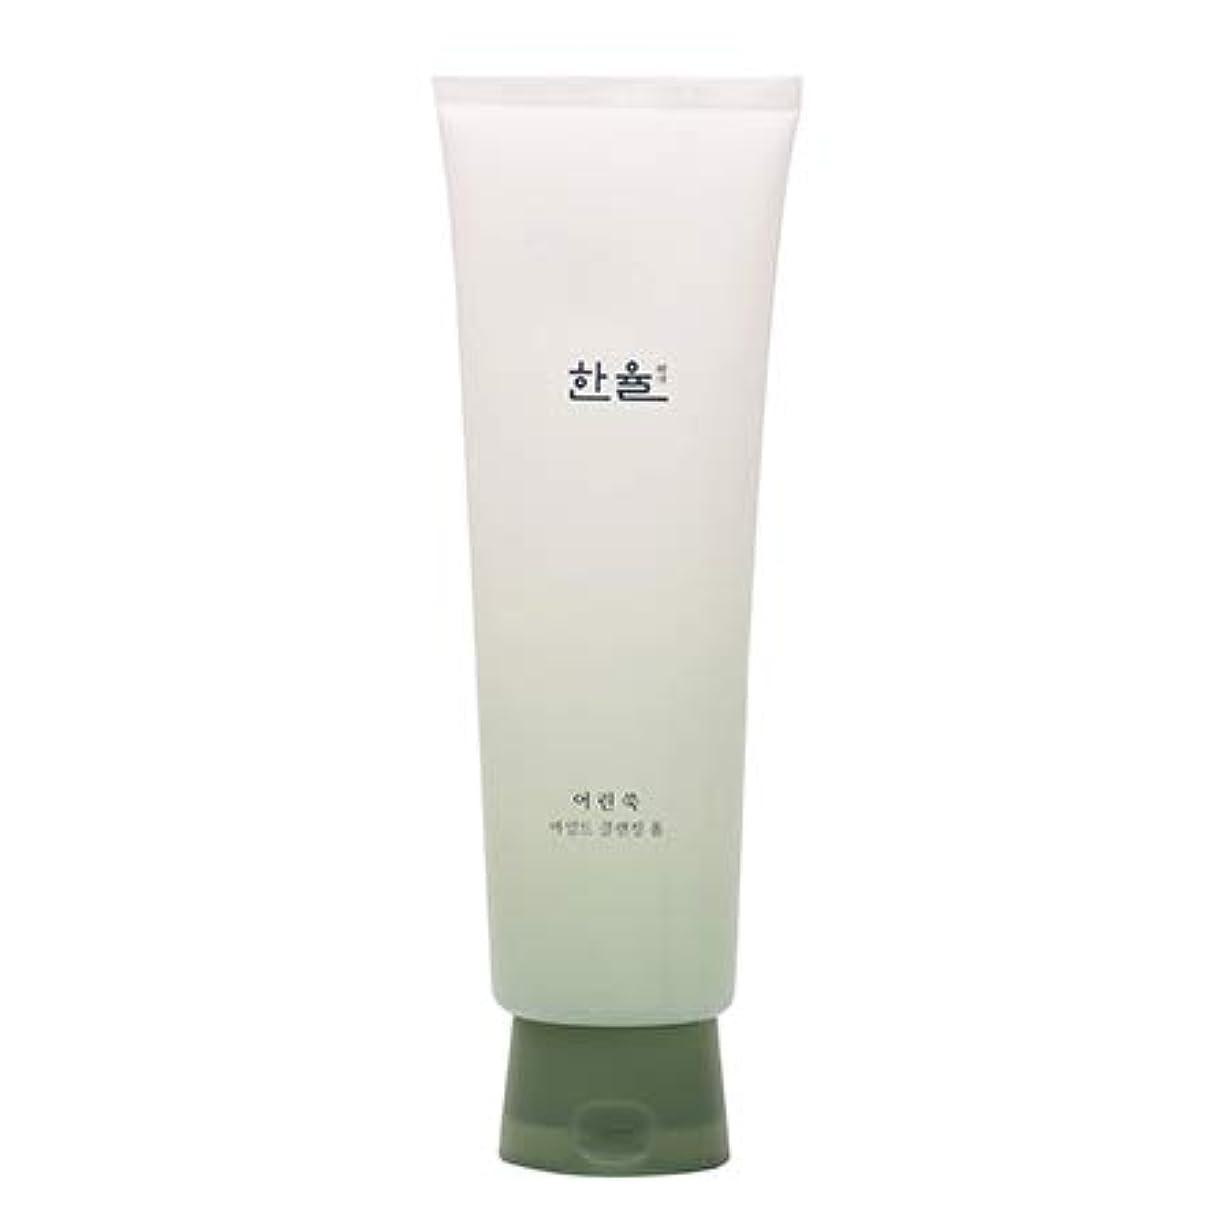 ハンユル HANYUL ピュア ヨモギ マイルド クレンジングフォーム Pure Artemisia Mild Cleansing Foam 170ml [並行輸入品]